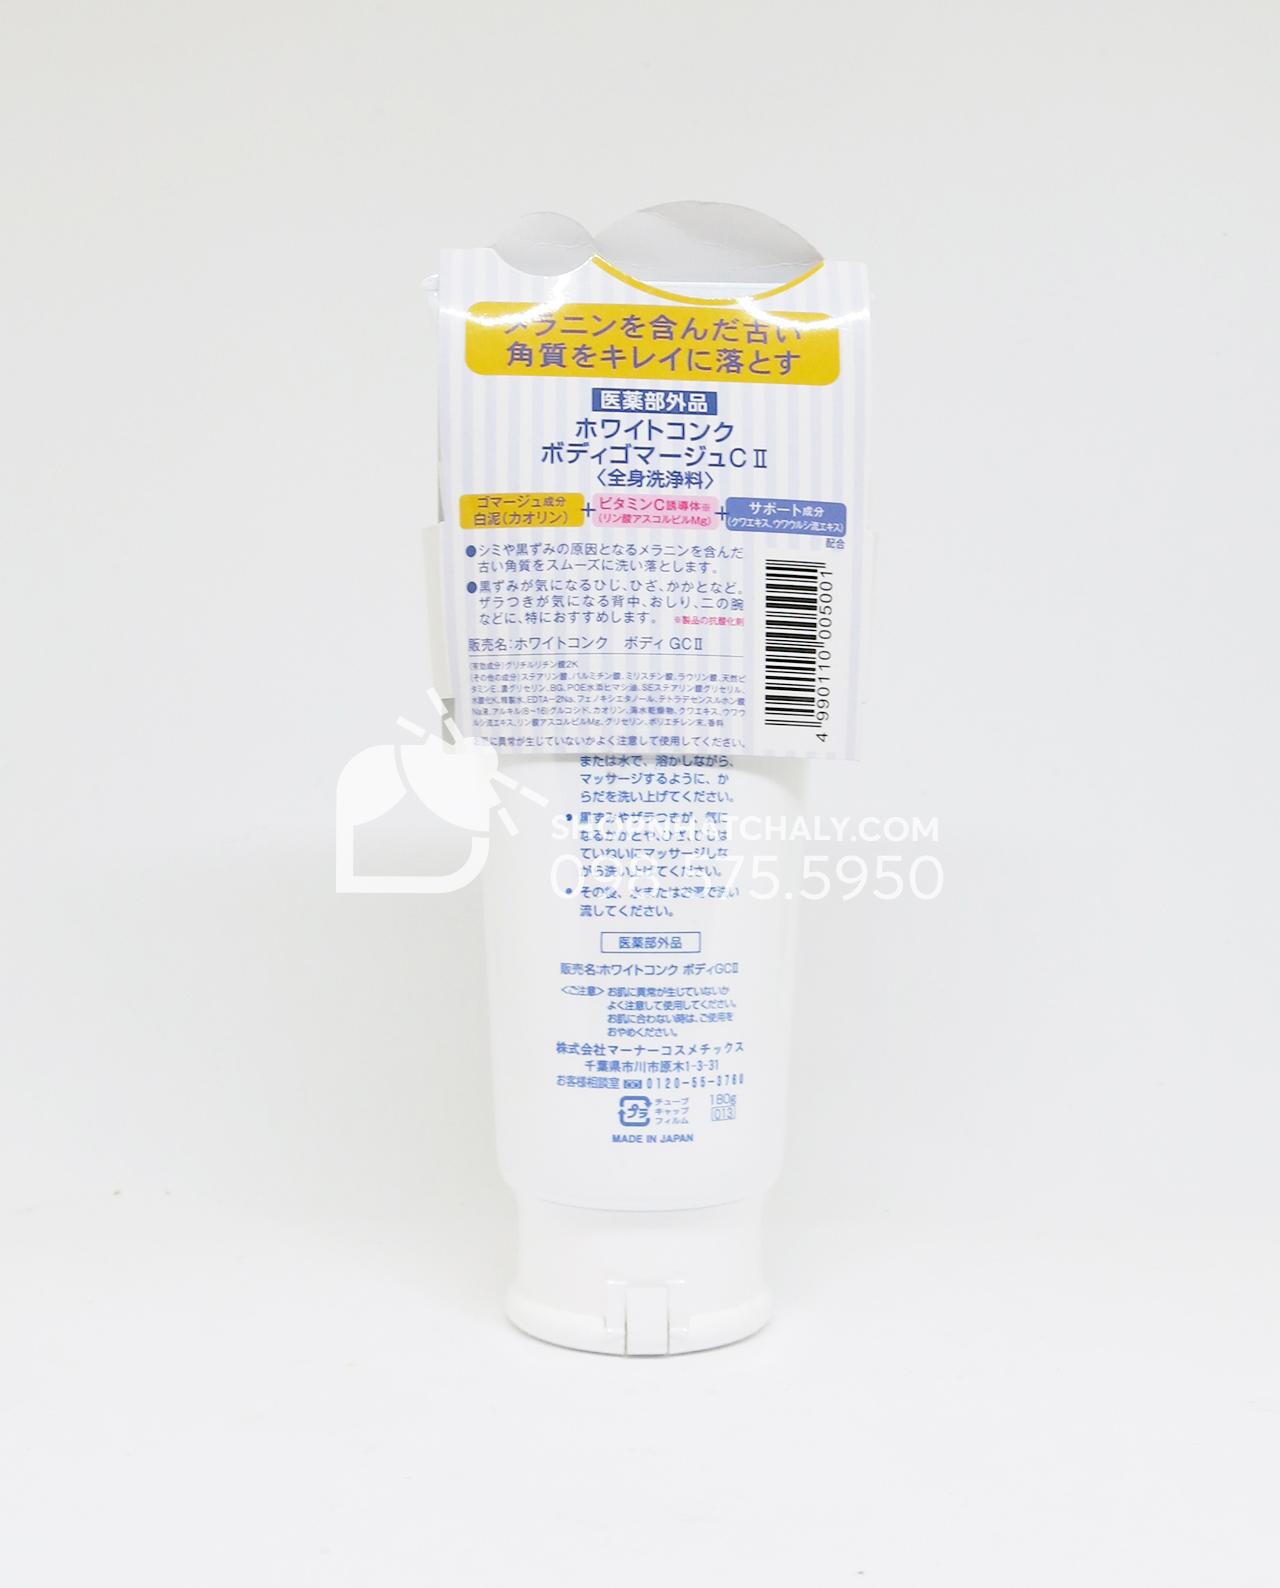 Gel tẩy tế bào chết toàn thân dưỡng trắng White Conc Body Gommage Nhật Bản - thông tin sản phẩm